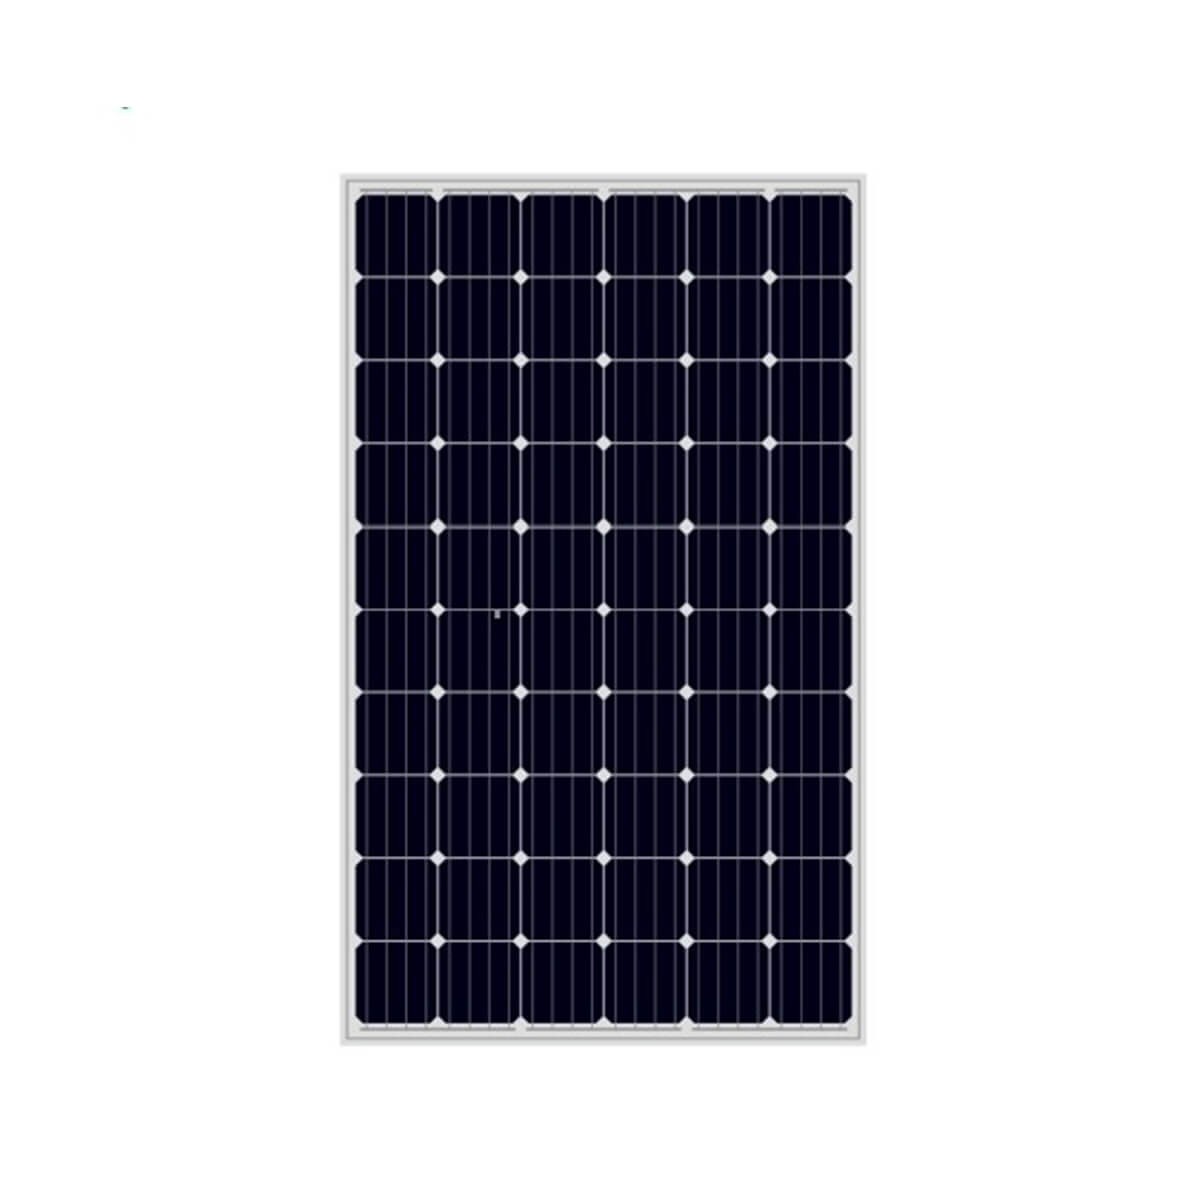 ht solar 330W panel, ht solar 330Watt panel, ht solar 330 W panel, ht solar 330 Watt panel, ht solar 330 Watt monokristal panel, ht solar 330 W watt gunes paneli, ht solar 330 W watt monokristal gunes paneli, ht solar 330 W Watt fotovoltaik monokristal solar panel, ht solar 330W monokristal gunes enerjisi, ht solar HT60-156M-330W panel, HT SOLAR 330 WATT